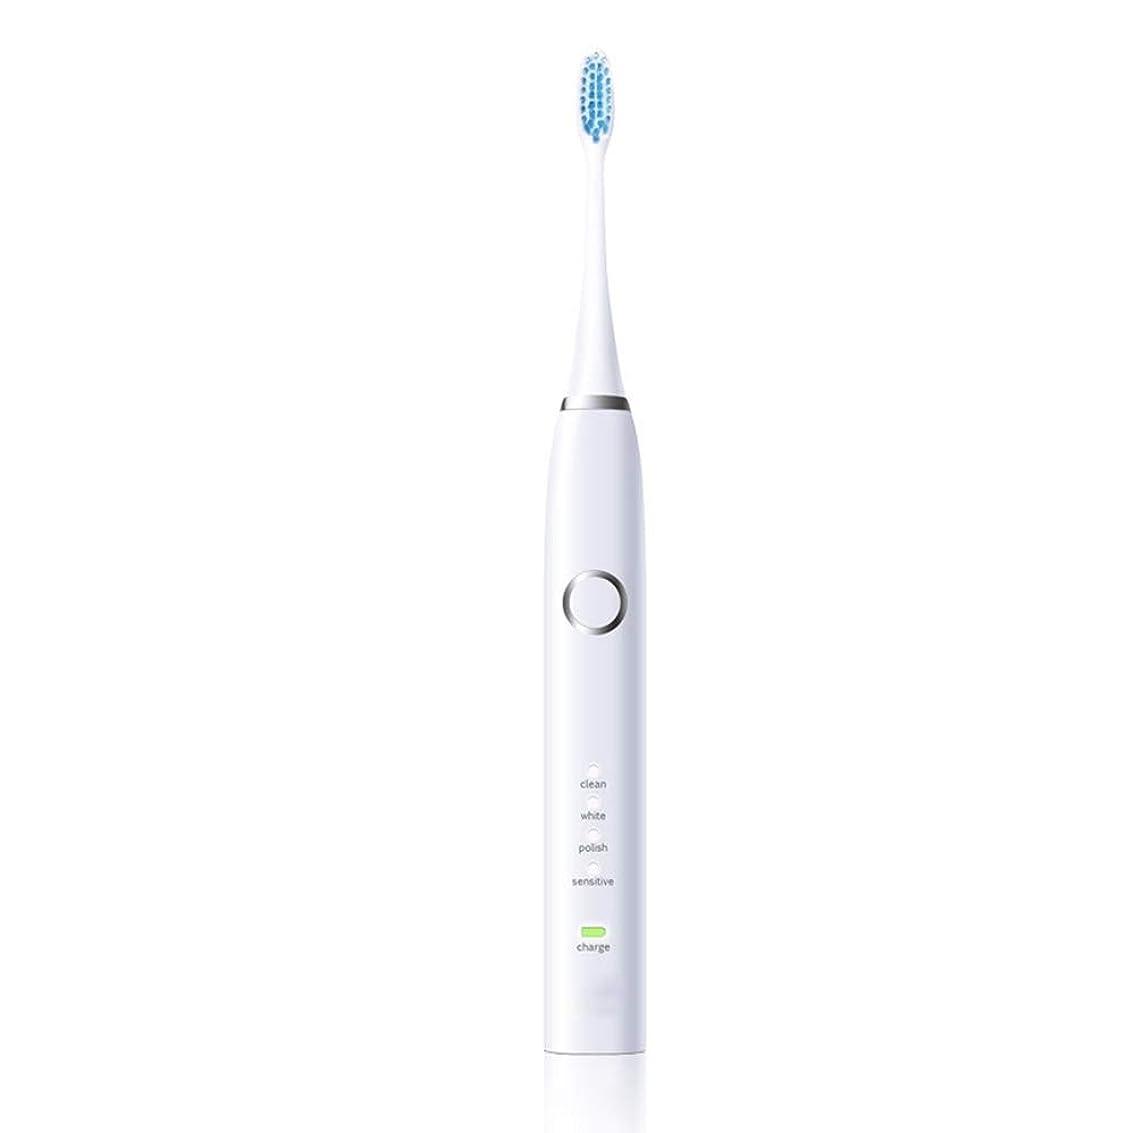 正統派チャペルクラッシュ電動歯ブラシ 電動歯ブラシUSB充電式保護クリーン歯ブラシ ケアー プロテクトクリーン (色 : 白, サイズ : Free size)